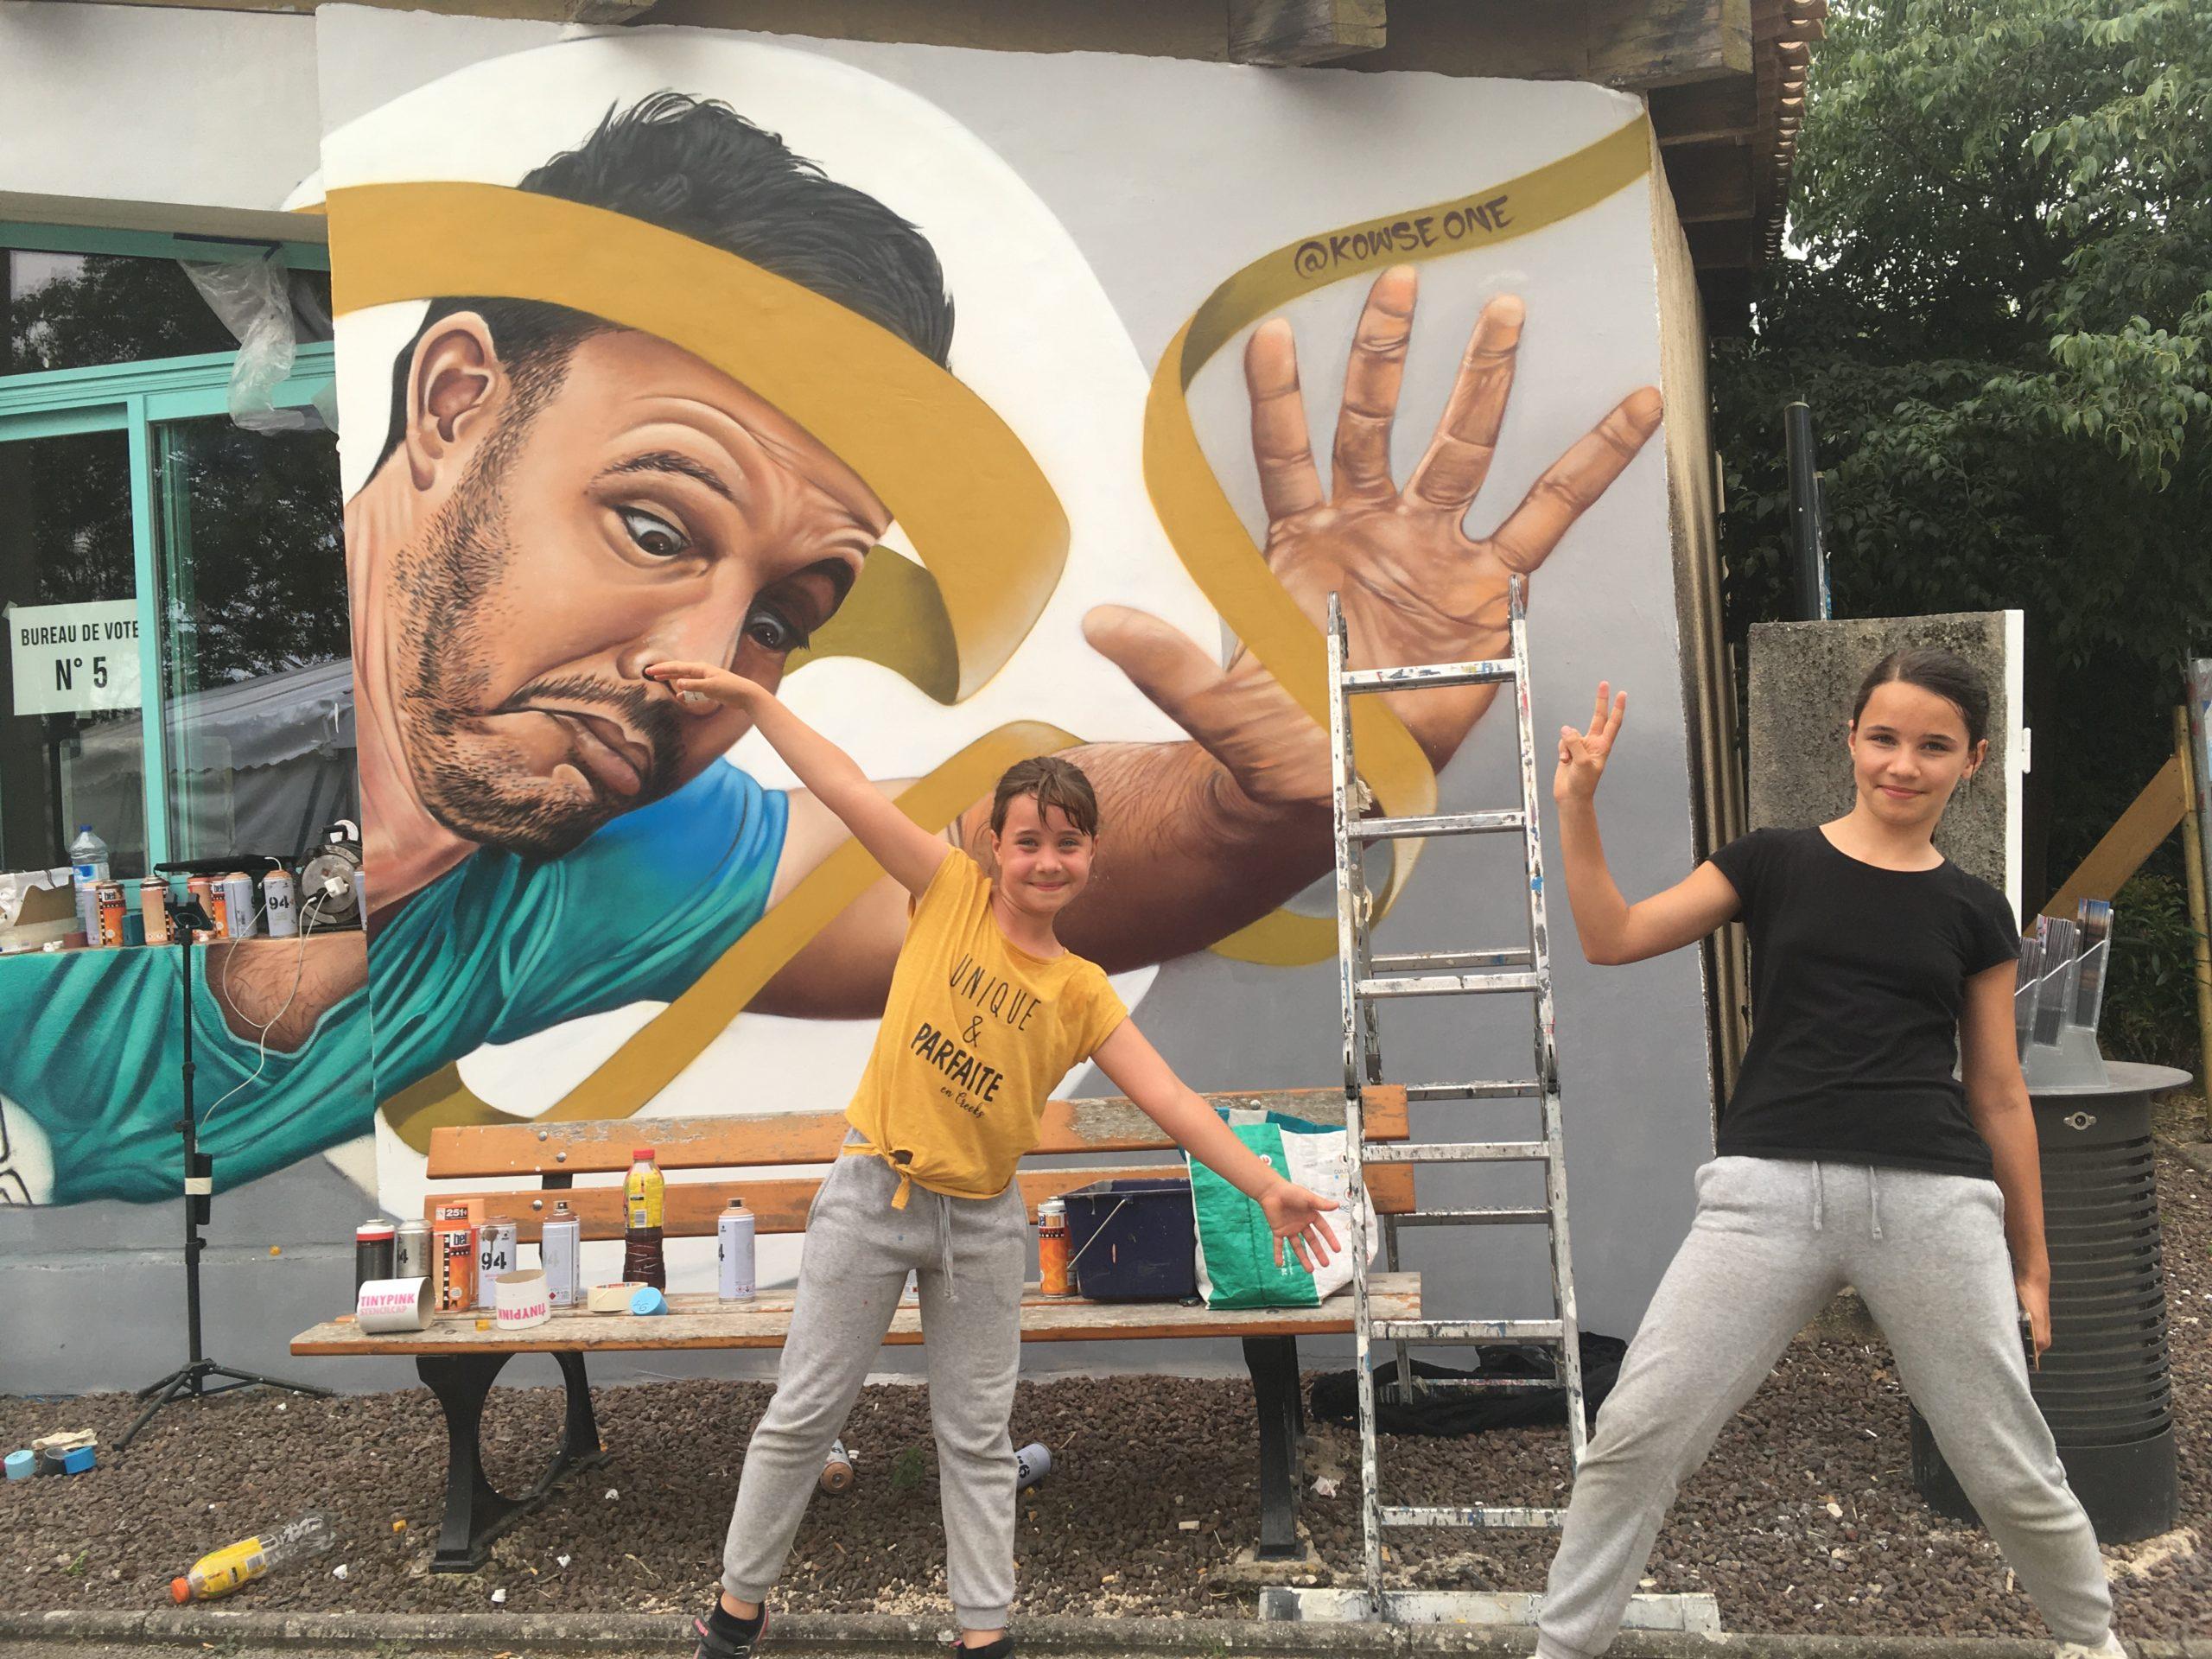 Les artistes créent au contact du public. Fresque murale réalisée par Kowse lors du Street nécessaire